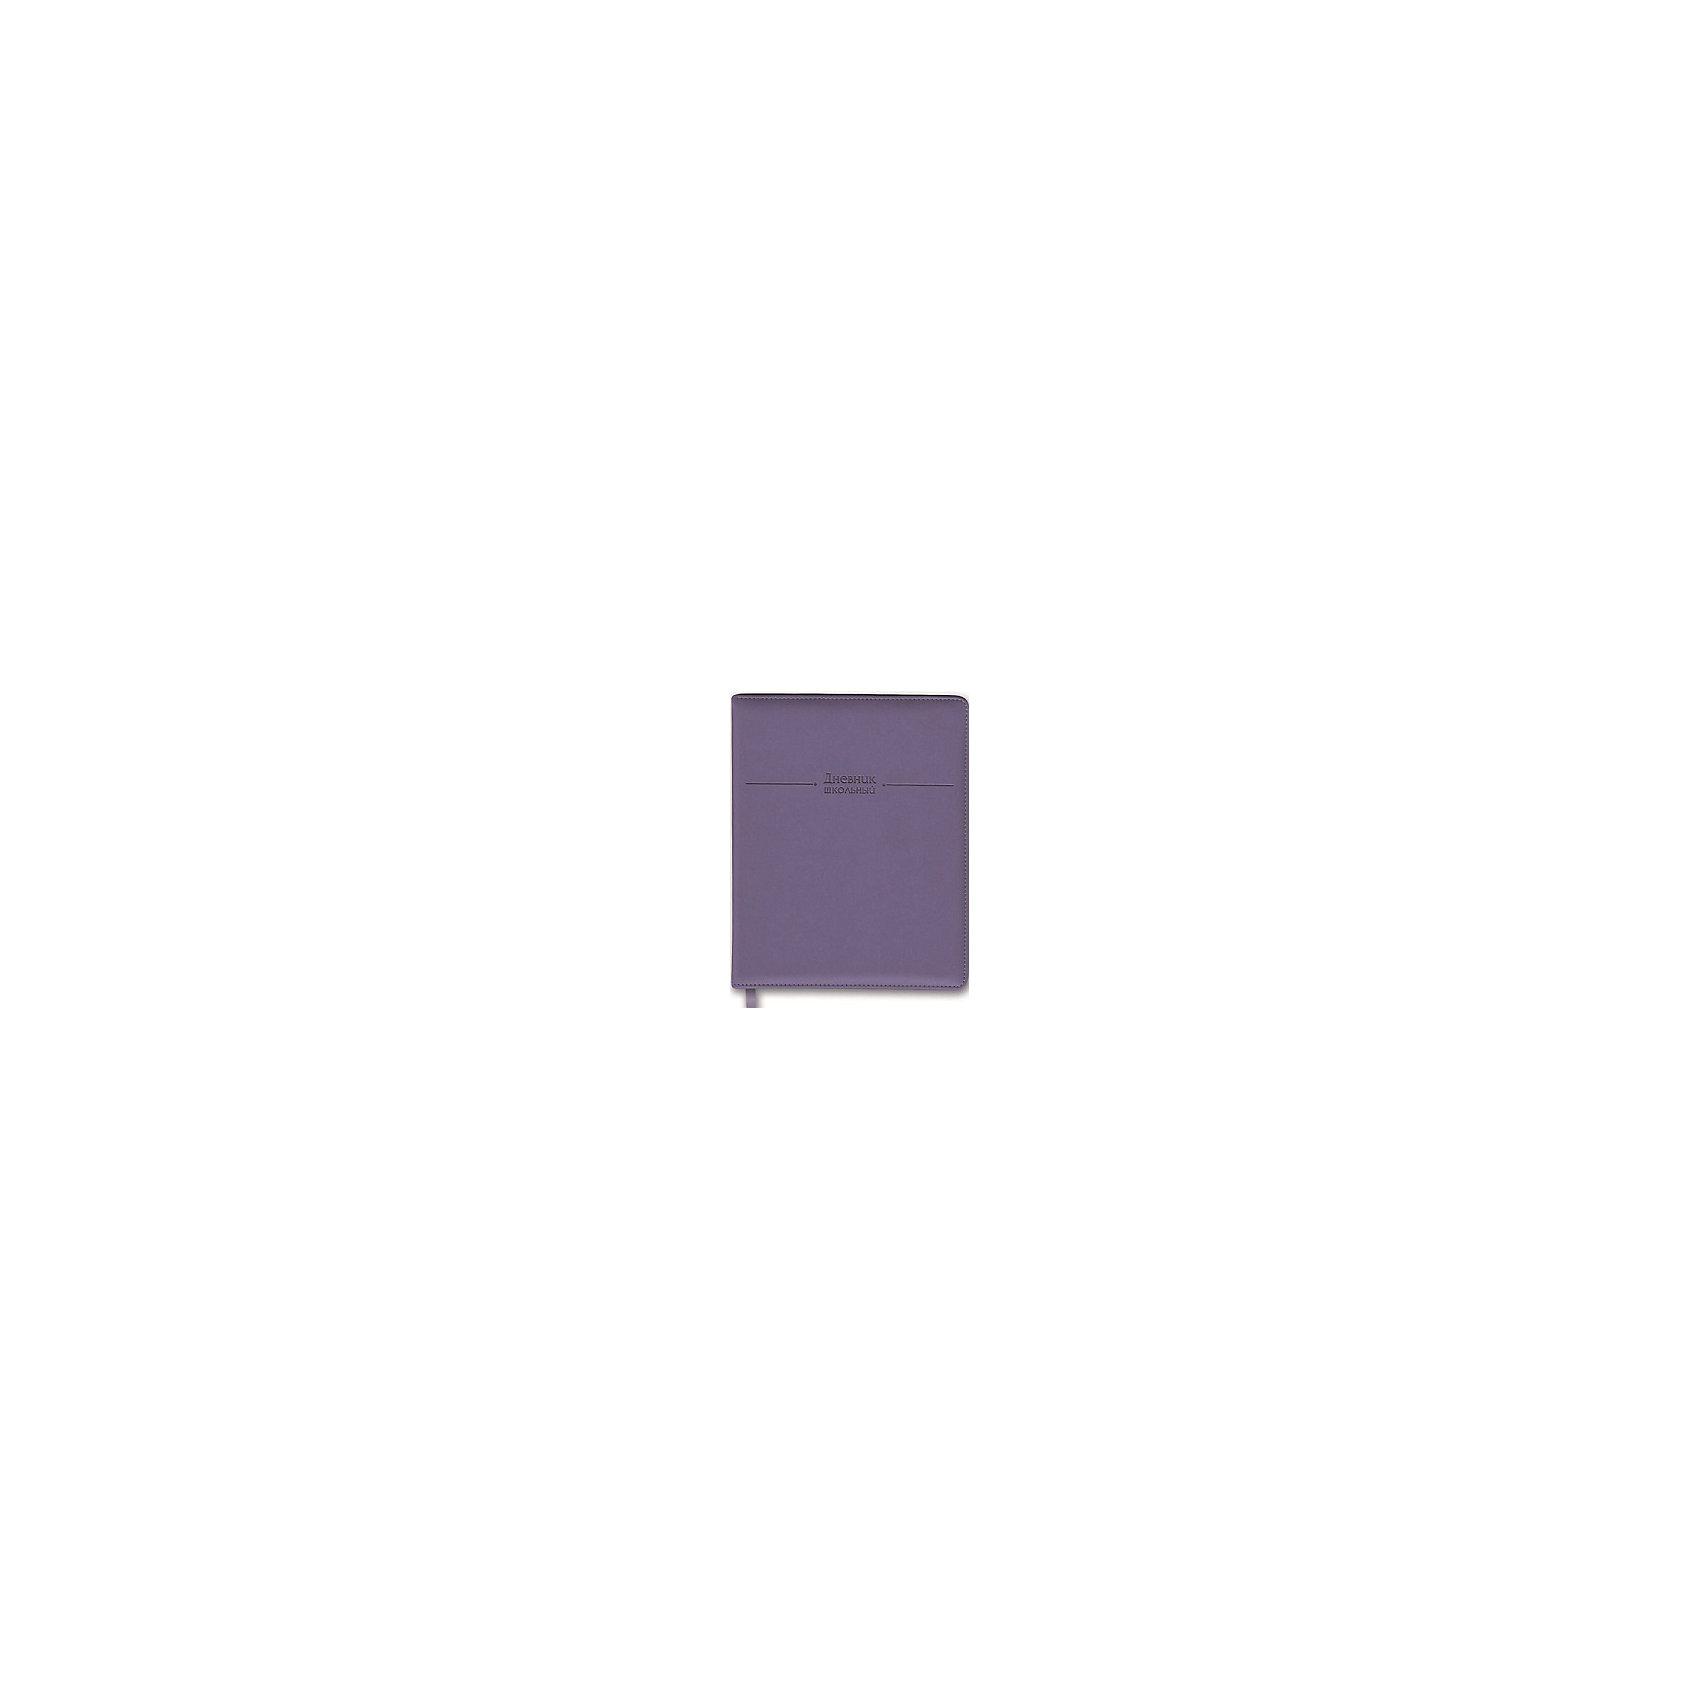 Дневник школьный Феникс+, сиреневыйБумажная продукция<br>Дневник шк. СИРЕНЕВЫЙ (тв. переплет, одноцв. печать внутр. блока, обл. декор. блинт. тисн., бум. офсет, ляссе, индивид. ПЭТ-упак., 96 стр.)<br><br>Ширина мм: 210<br>Глубина мм: 170<br>Высота мм: 10<br>Вес г: 235<br>Возраст от месяцев: 72<br>Возраст до месяцев: 2147483647<br>Пол: Женский<br>Возраст: Детский<br>SKU: 7046183